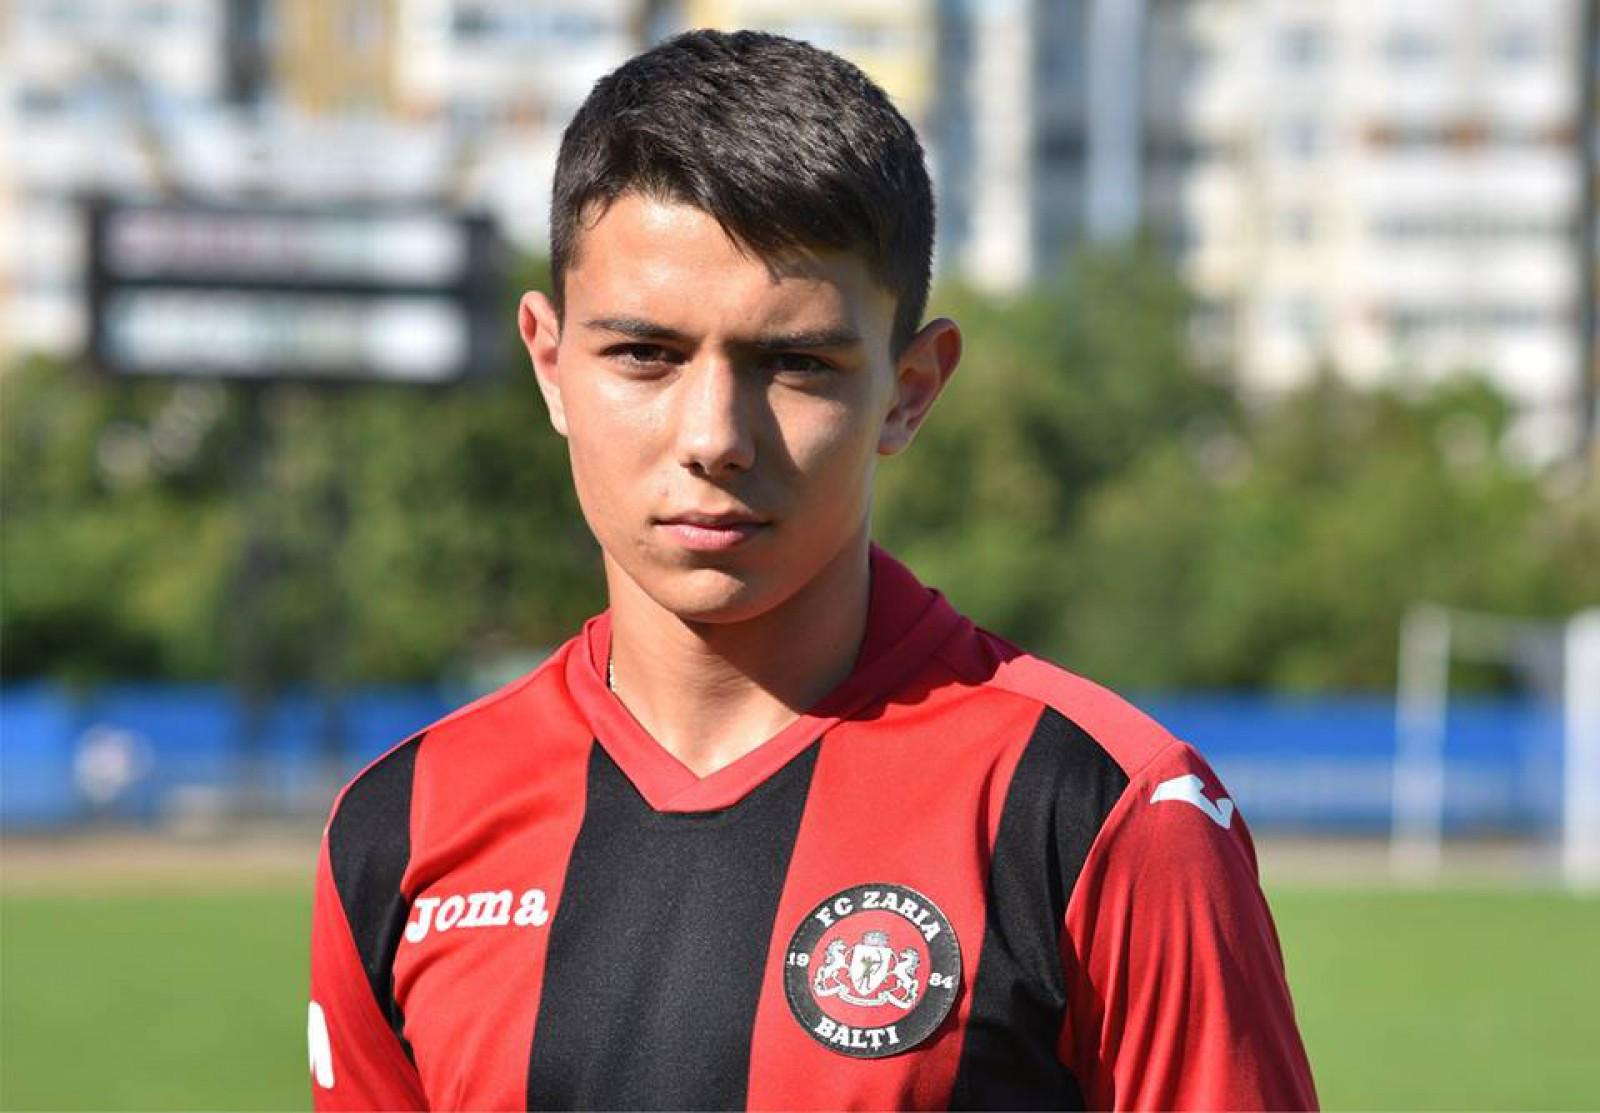 (foto) Un nou moldovean în Serie A. Fundașul lui Zaria Bălți Daniel Dumbravanu va juca la Genoa CFC